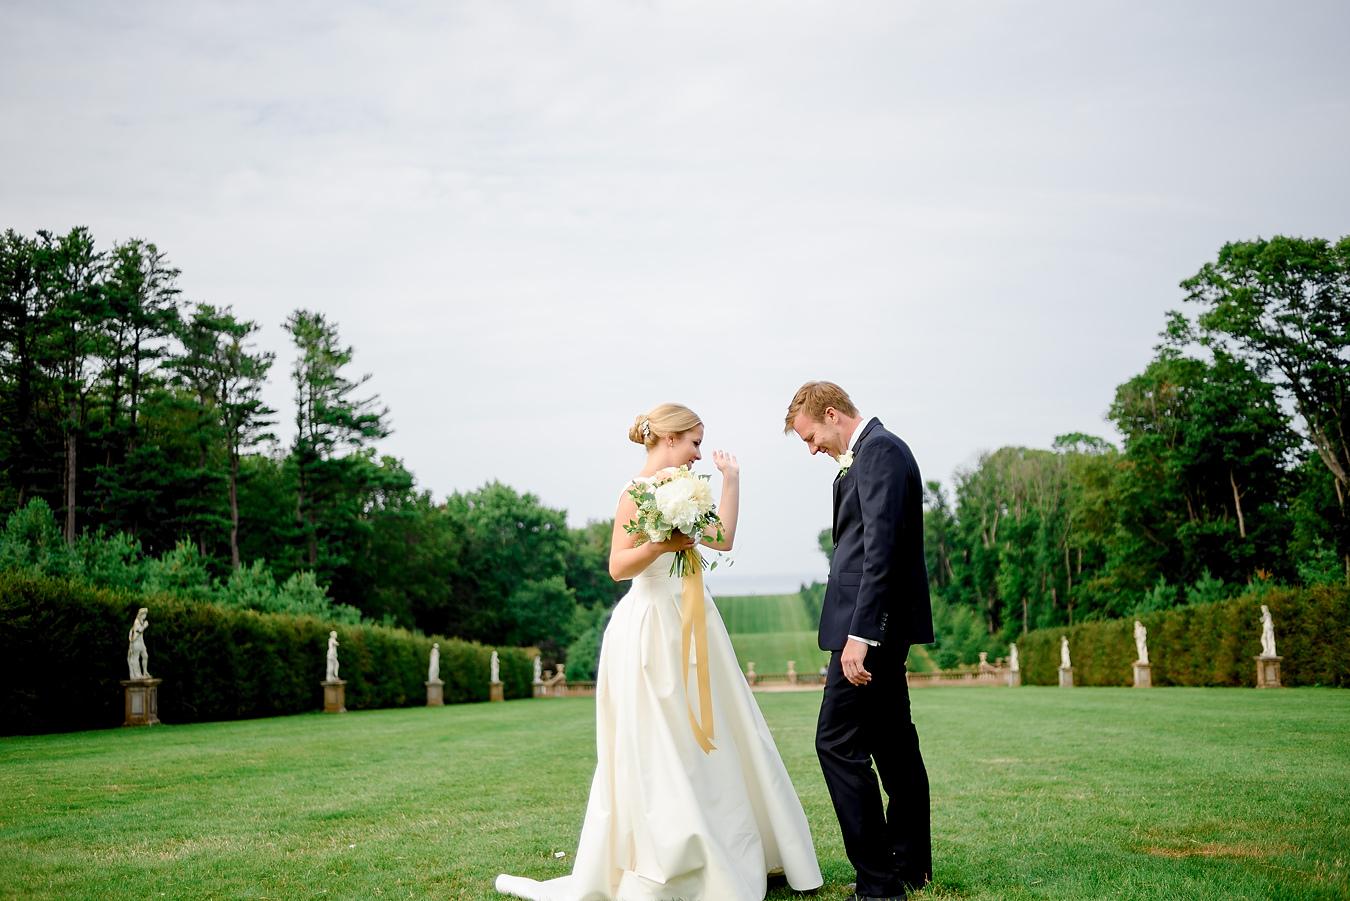 crane-estate-wedding-photos_25.JPG